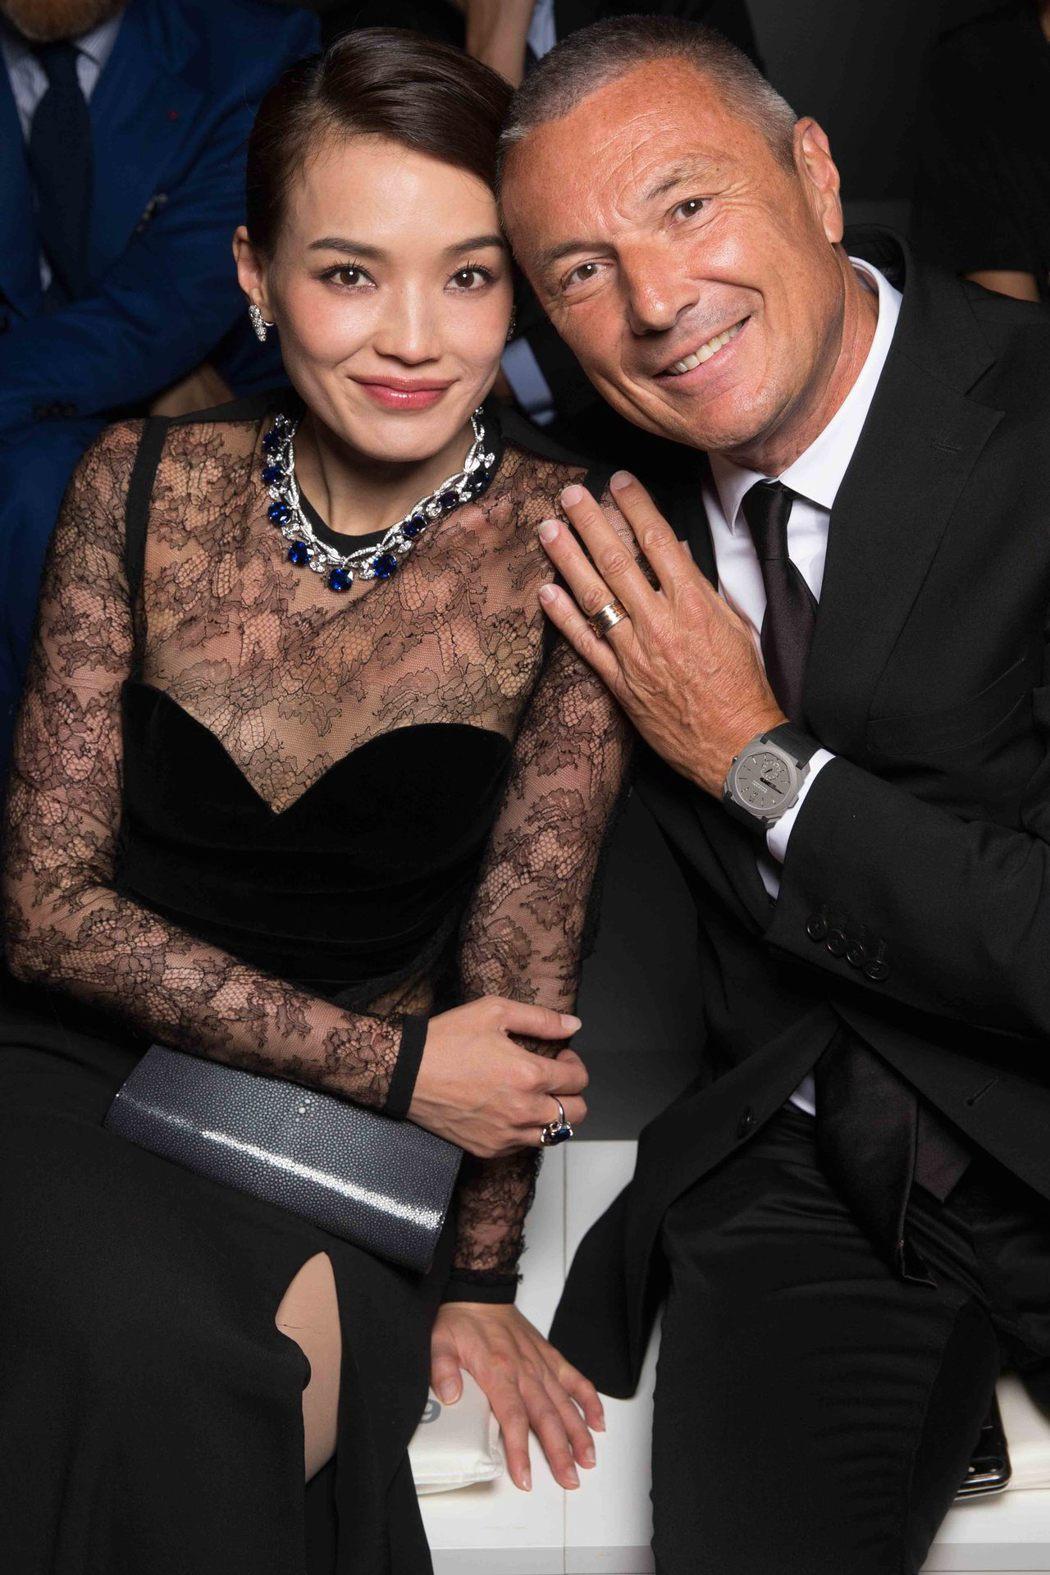 寶格麗品牌代言人舒淇(左)出席威尼斯寶格麗FESTA DI BVLGARI頂級珠